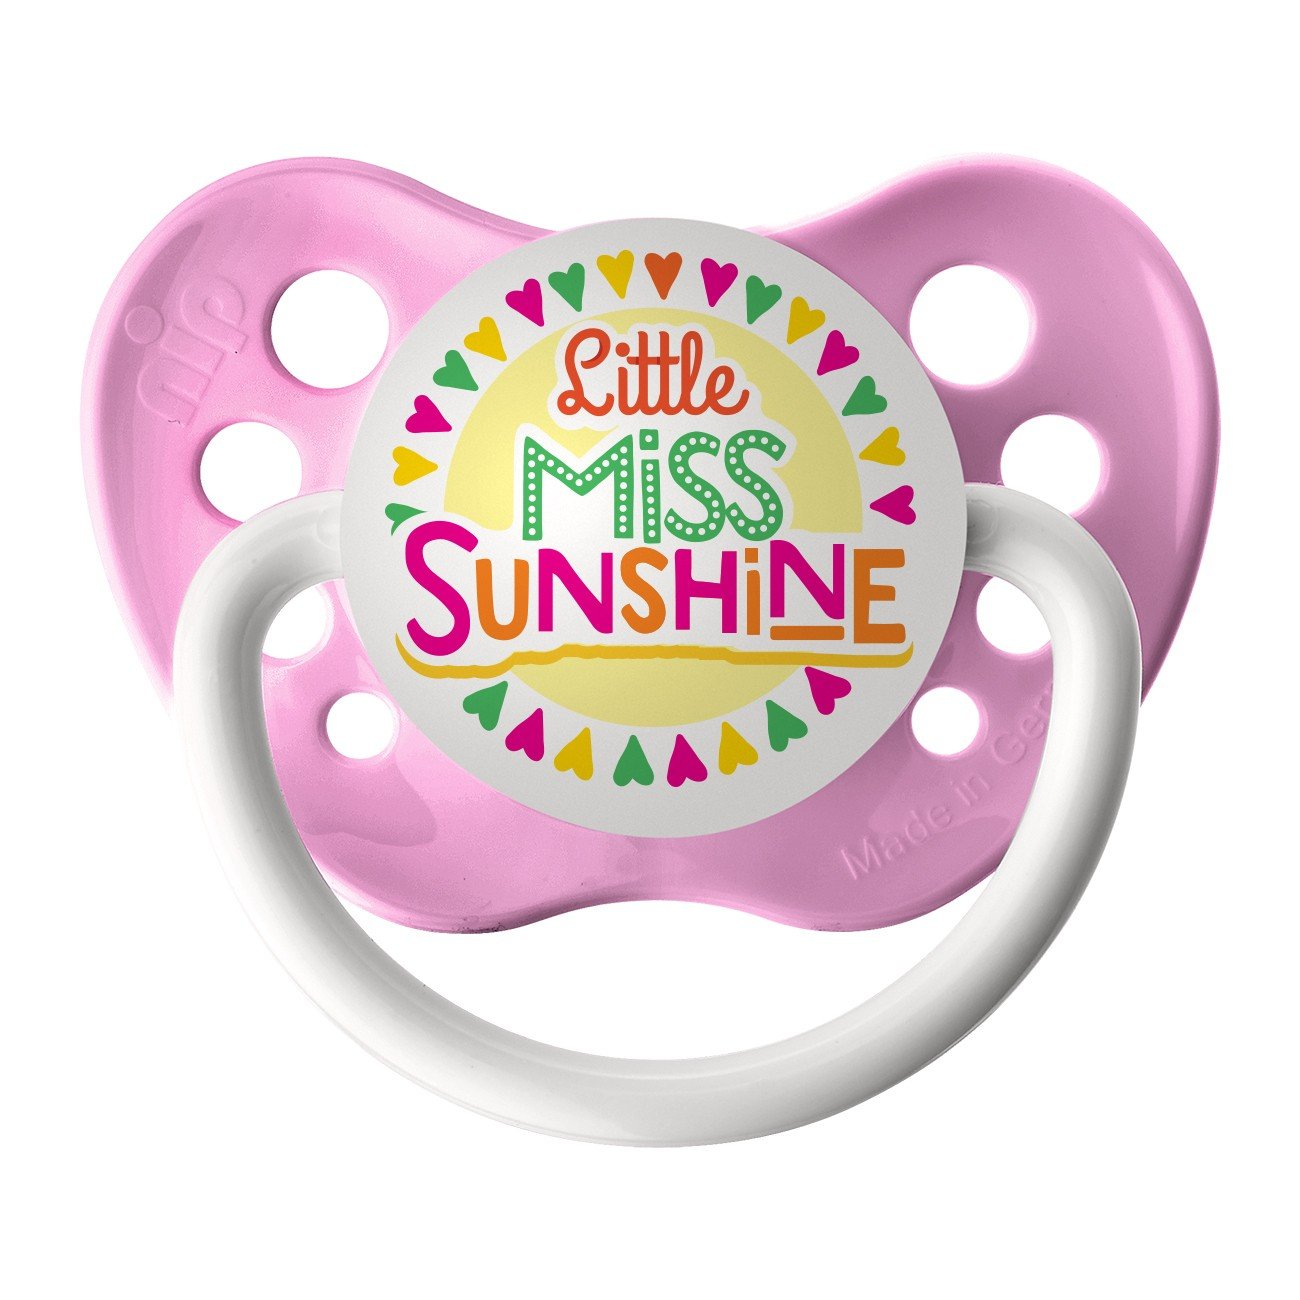 Little Miss Sunshine Pacifier - Ulubulu - Girls - Pink - 0-6 months Binky